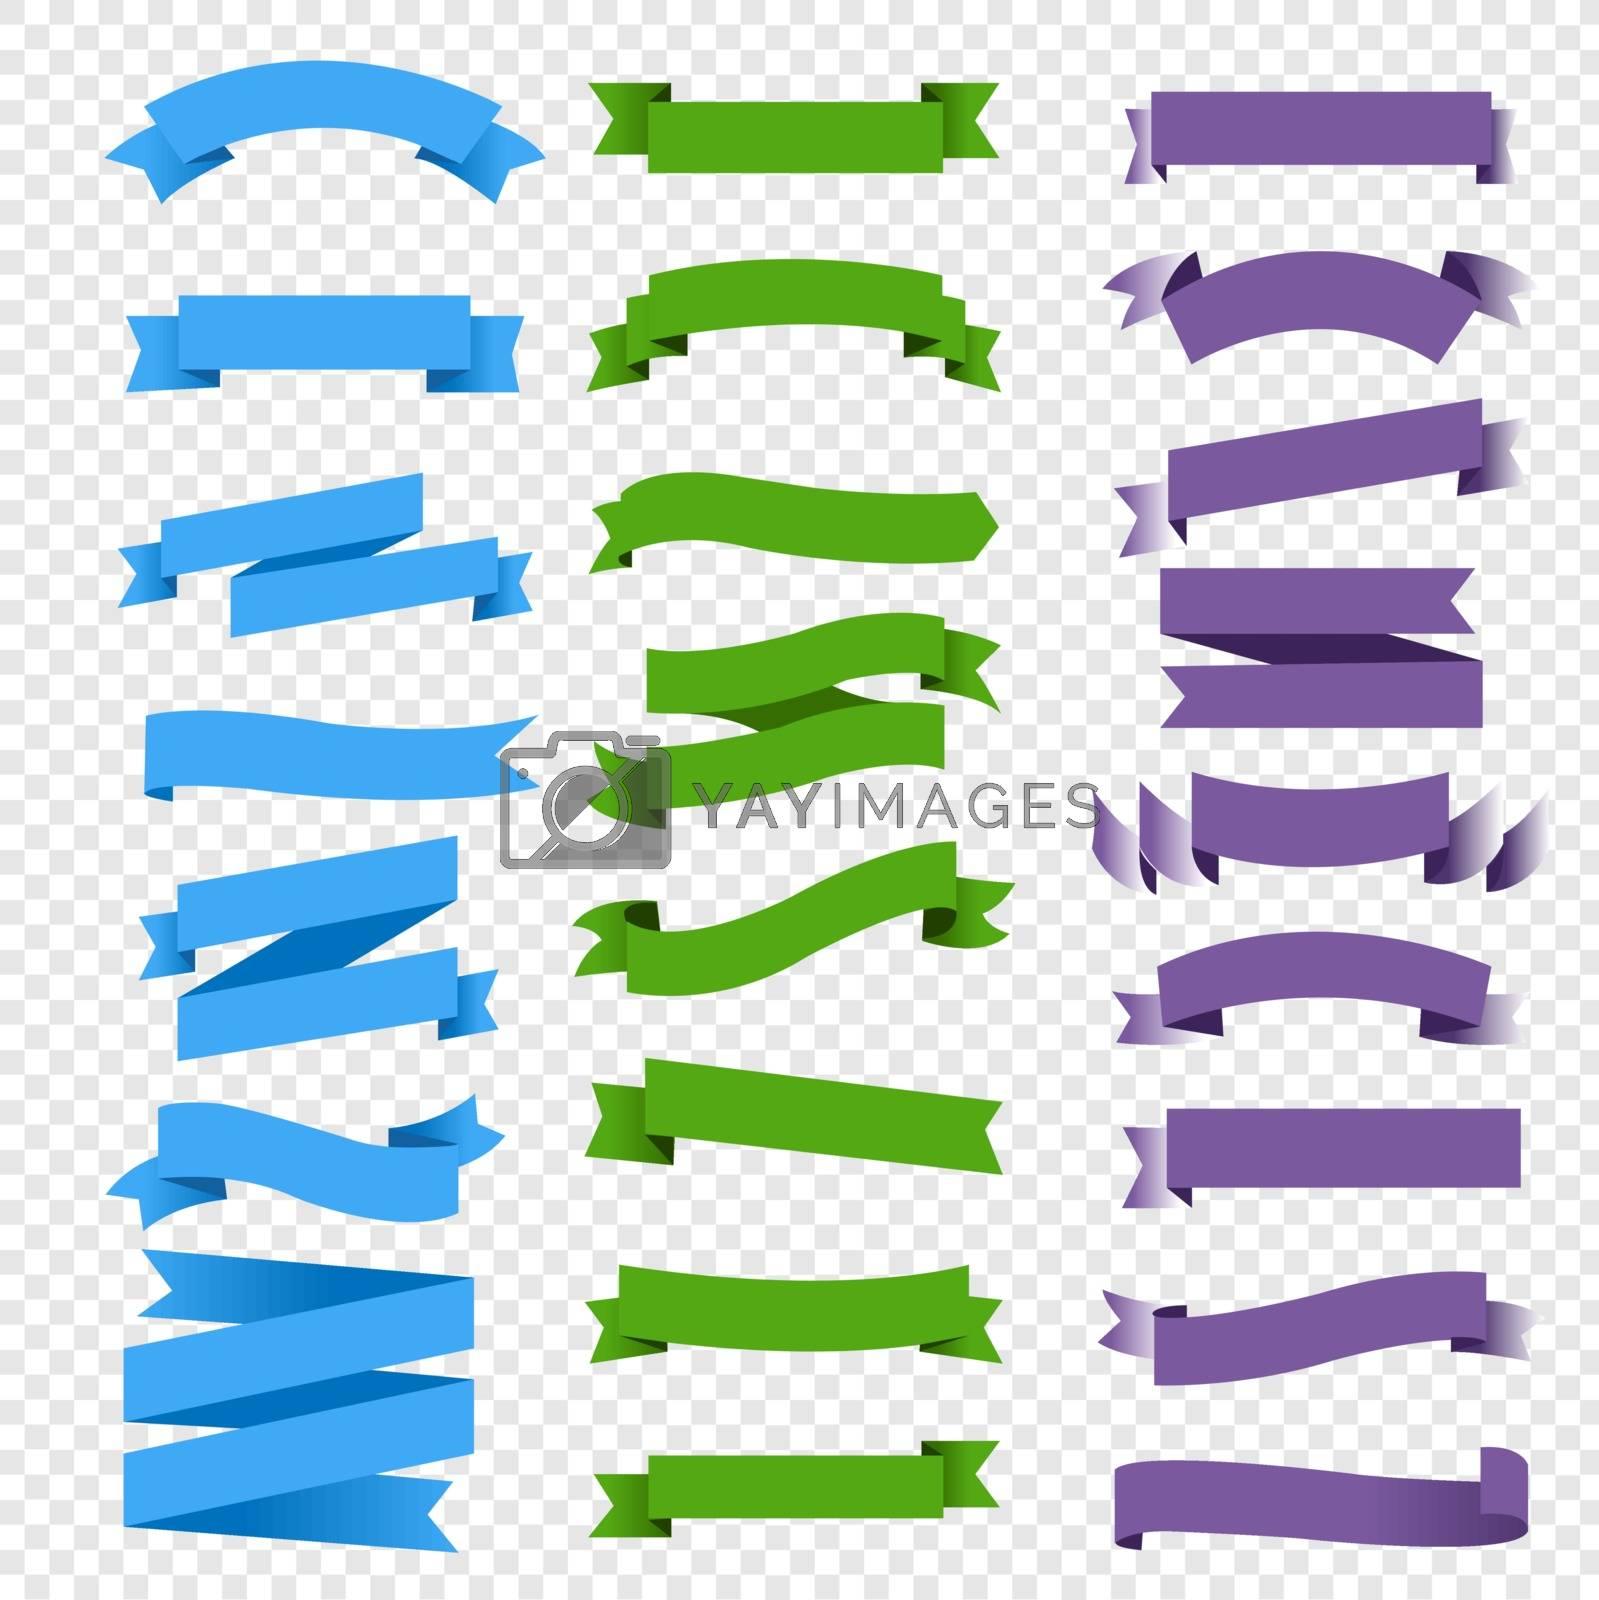 Colorful Ribbon Set Transparent Background, Vector Illustration